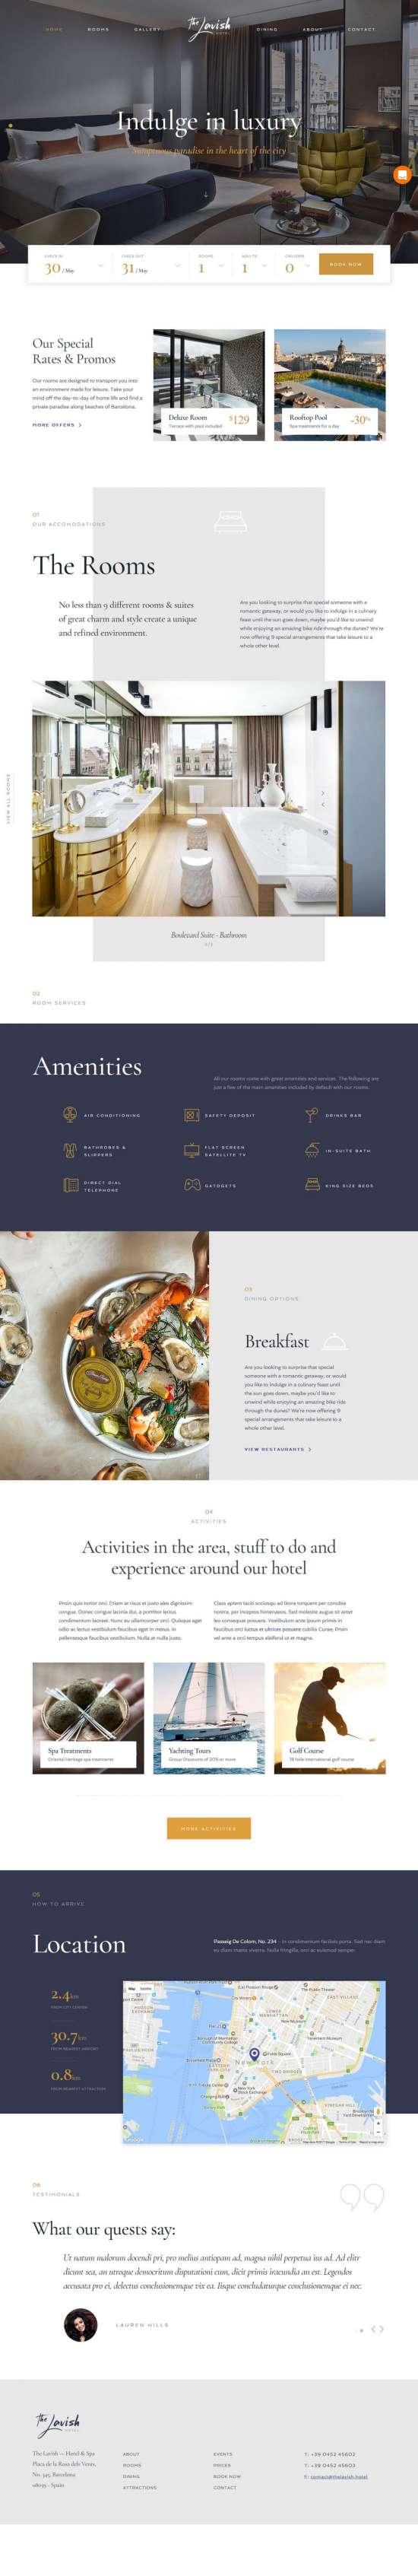 themefuse haven wordpress theme 01 550x3387 - Haven WordPress Theme